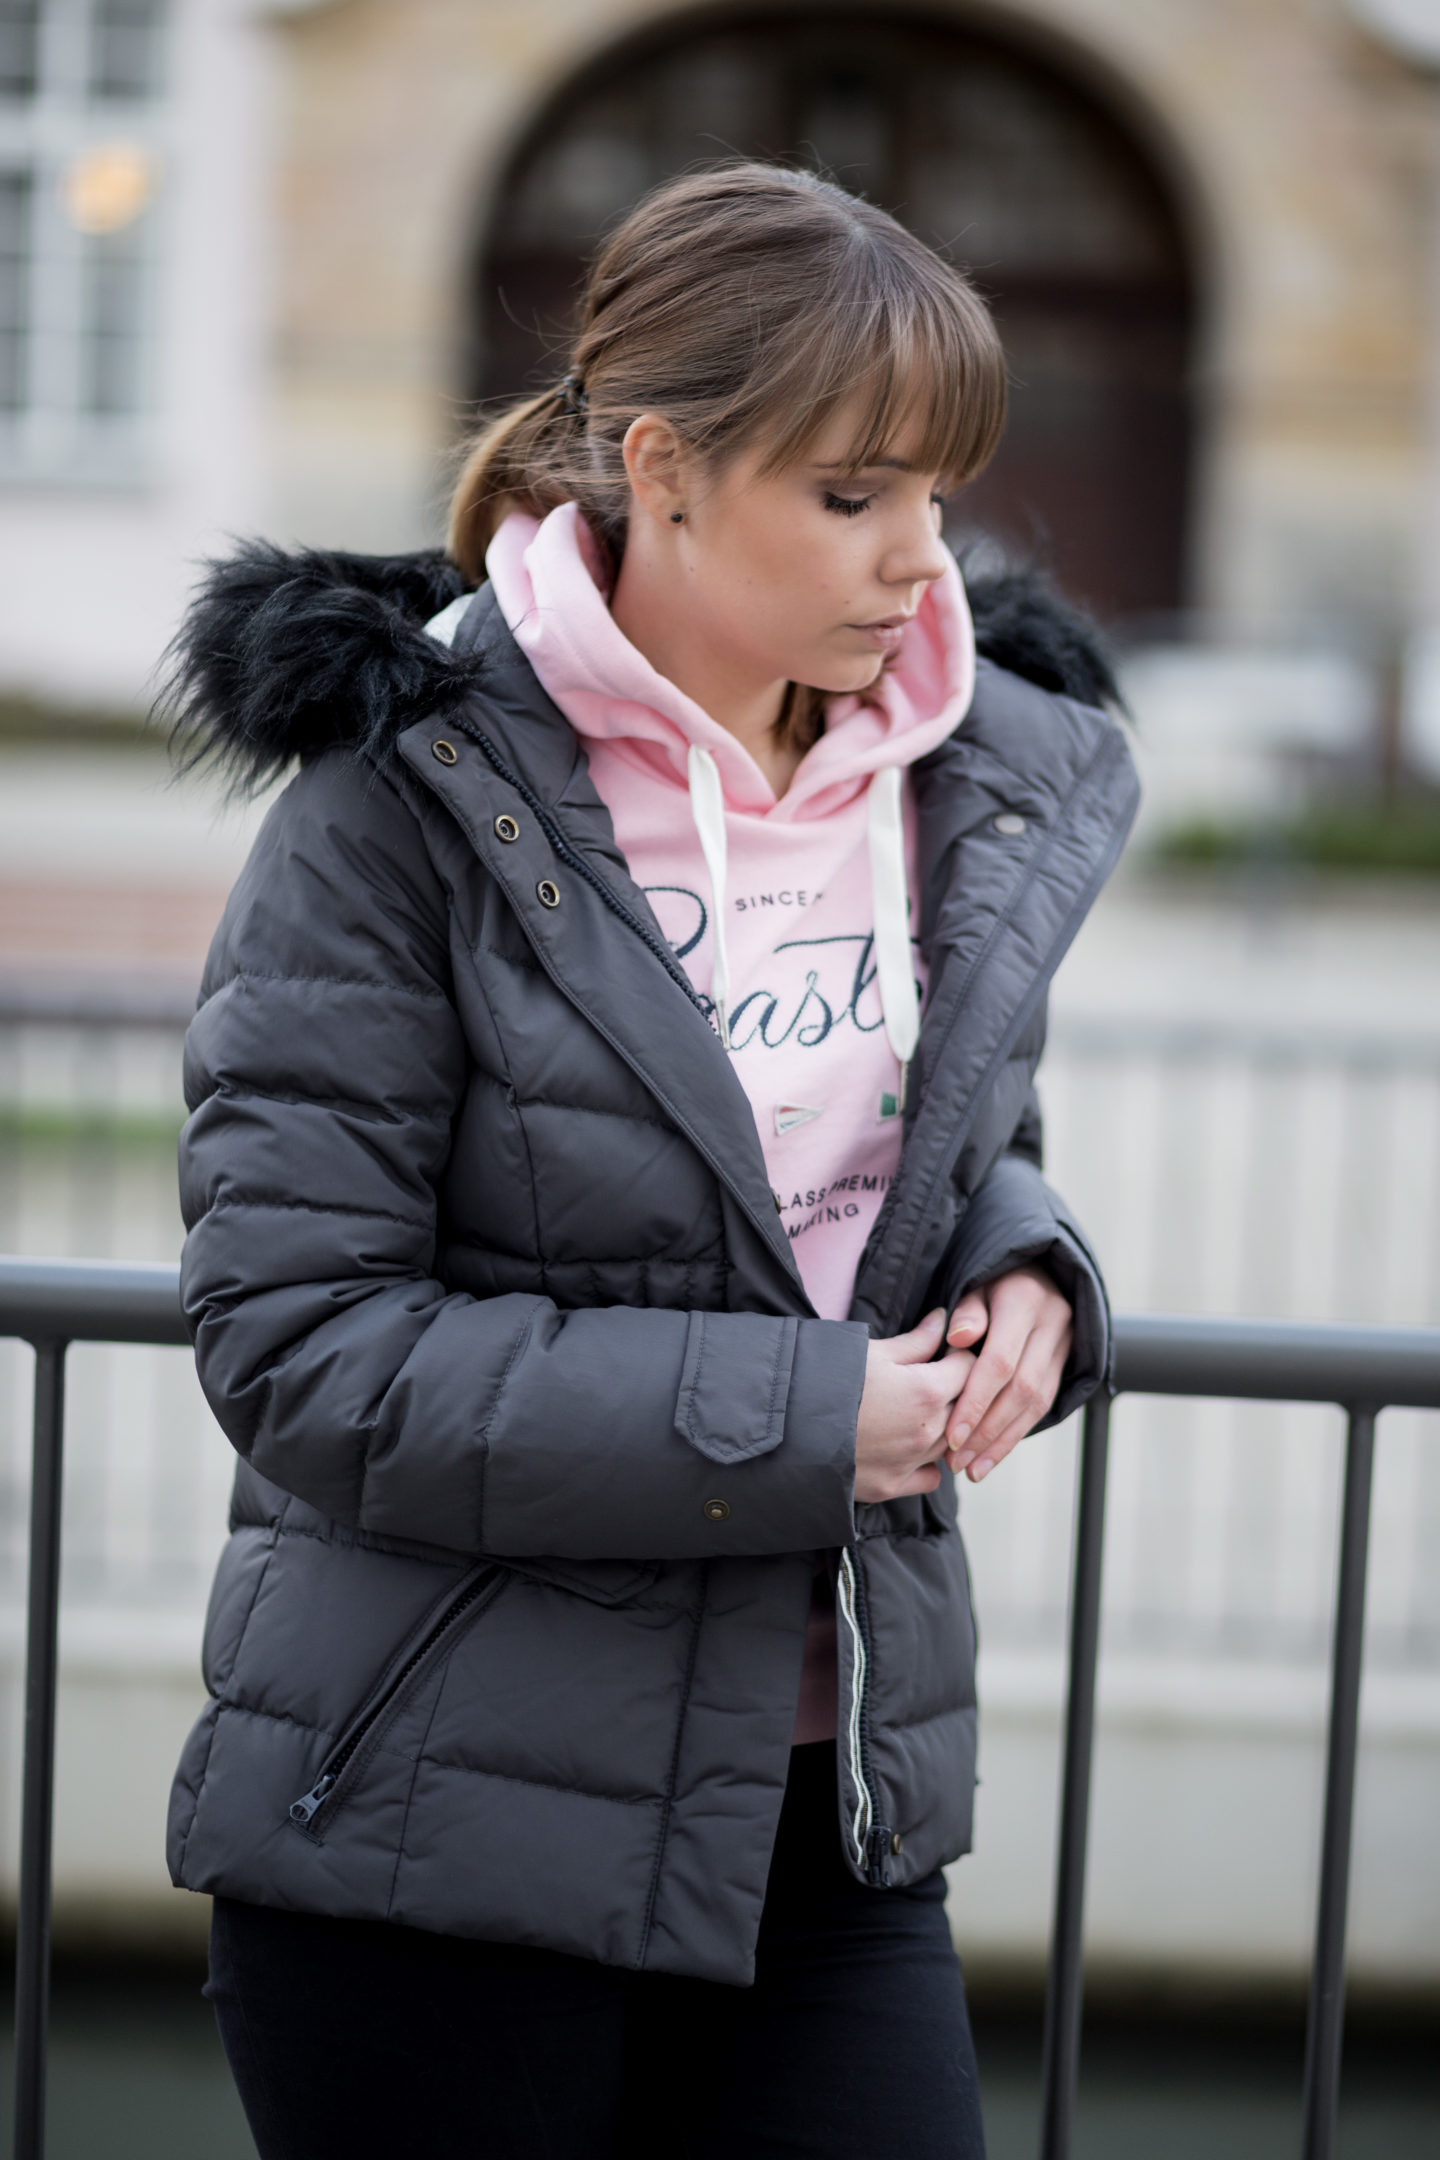 praktische-mode-für-den-alltag-mit-stil-outfit-gaastra-daunenjacke-hoodie-rosa-sneaker-alltagsoutfit-casual-bezauberndenana (9)